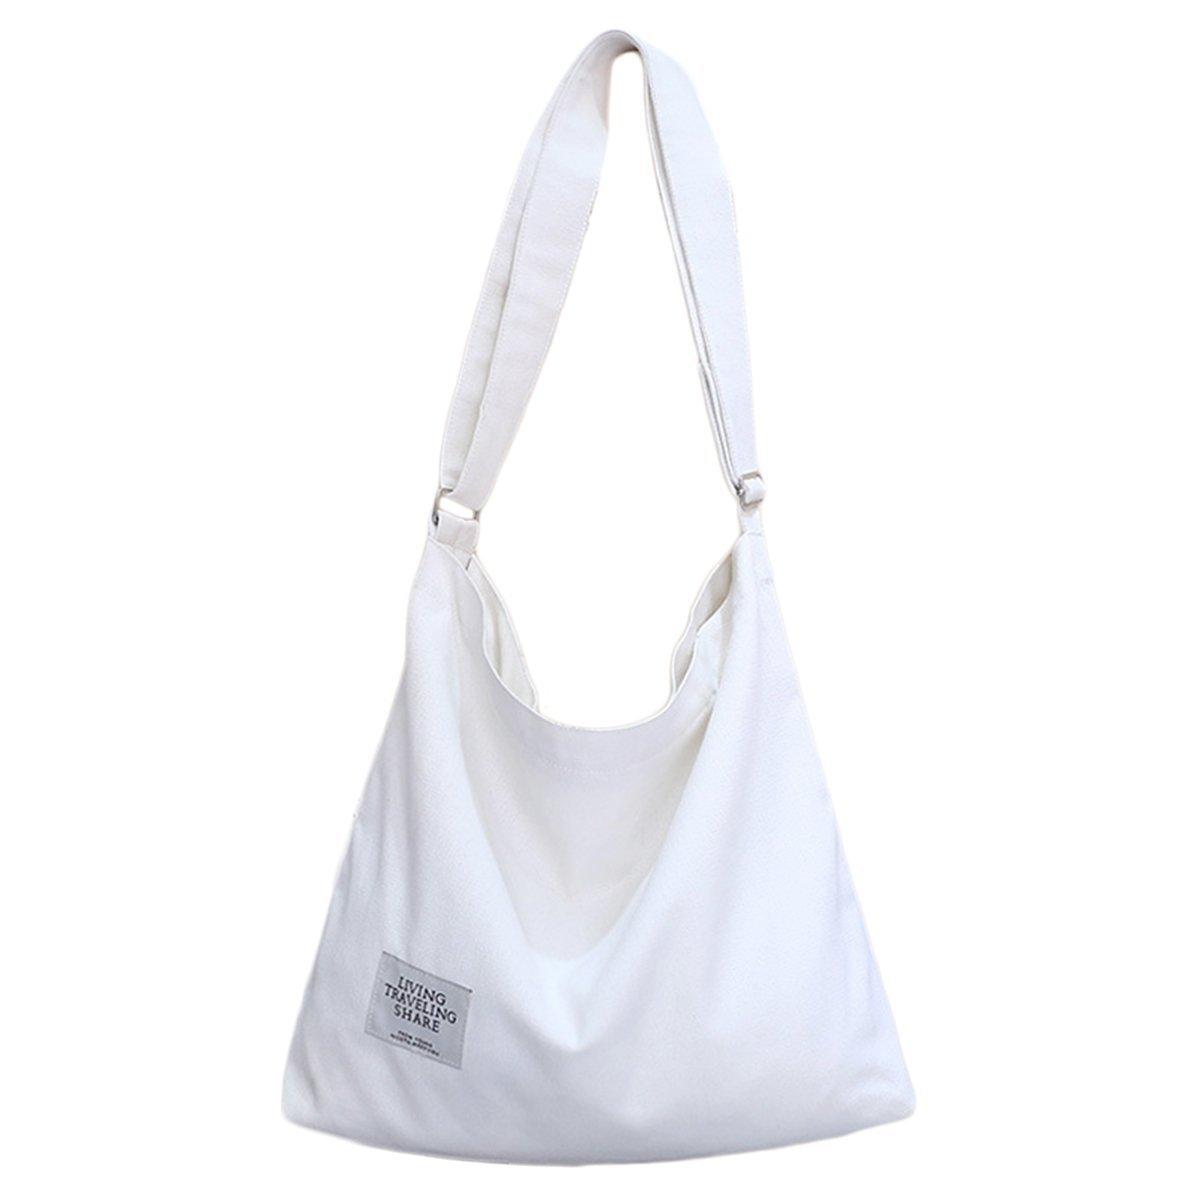 ZIIPOR Women's Canvas Crossbody Bag Casual Hobo Bag Shoulder Bag Shopping Bag (White)